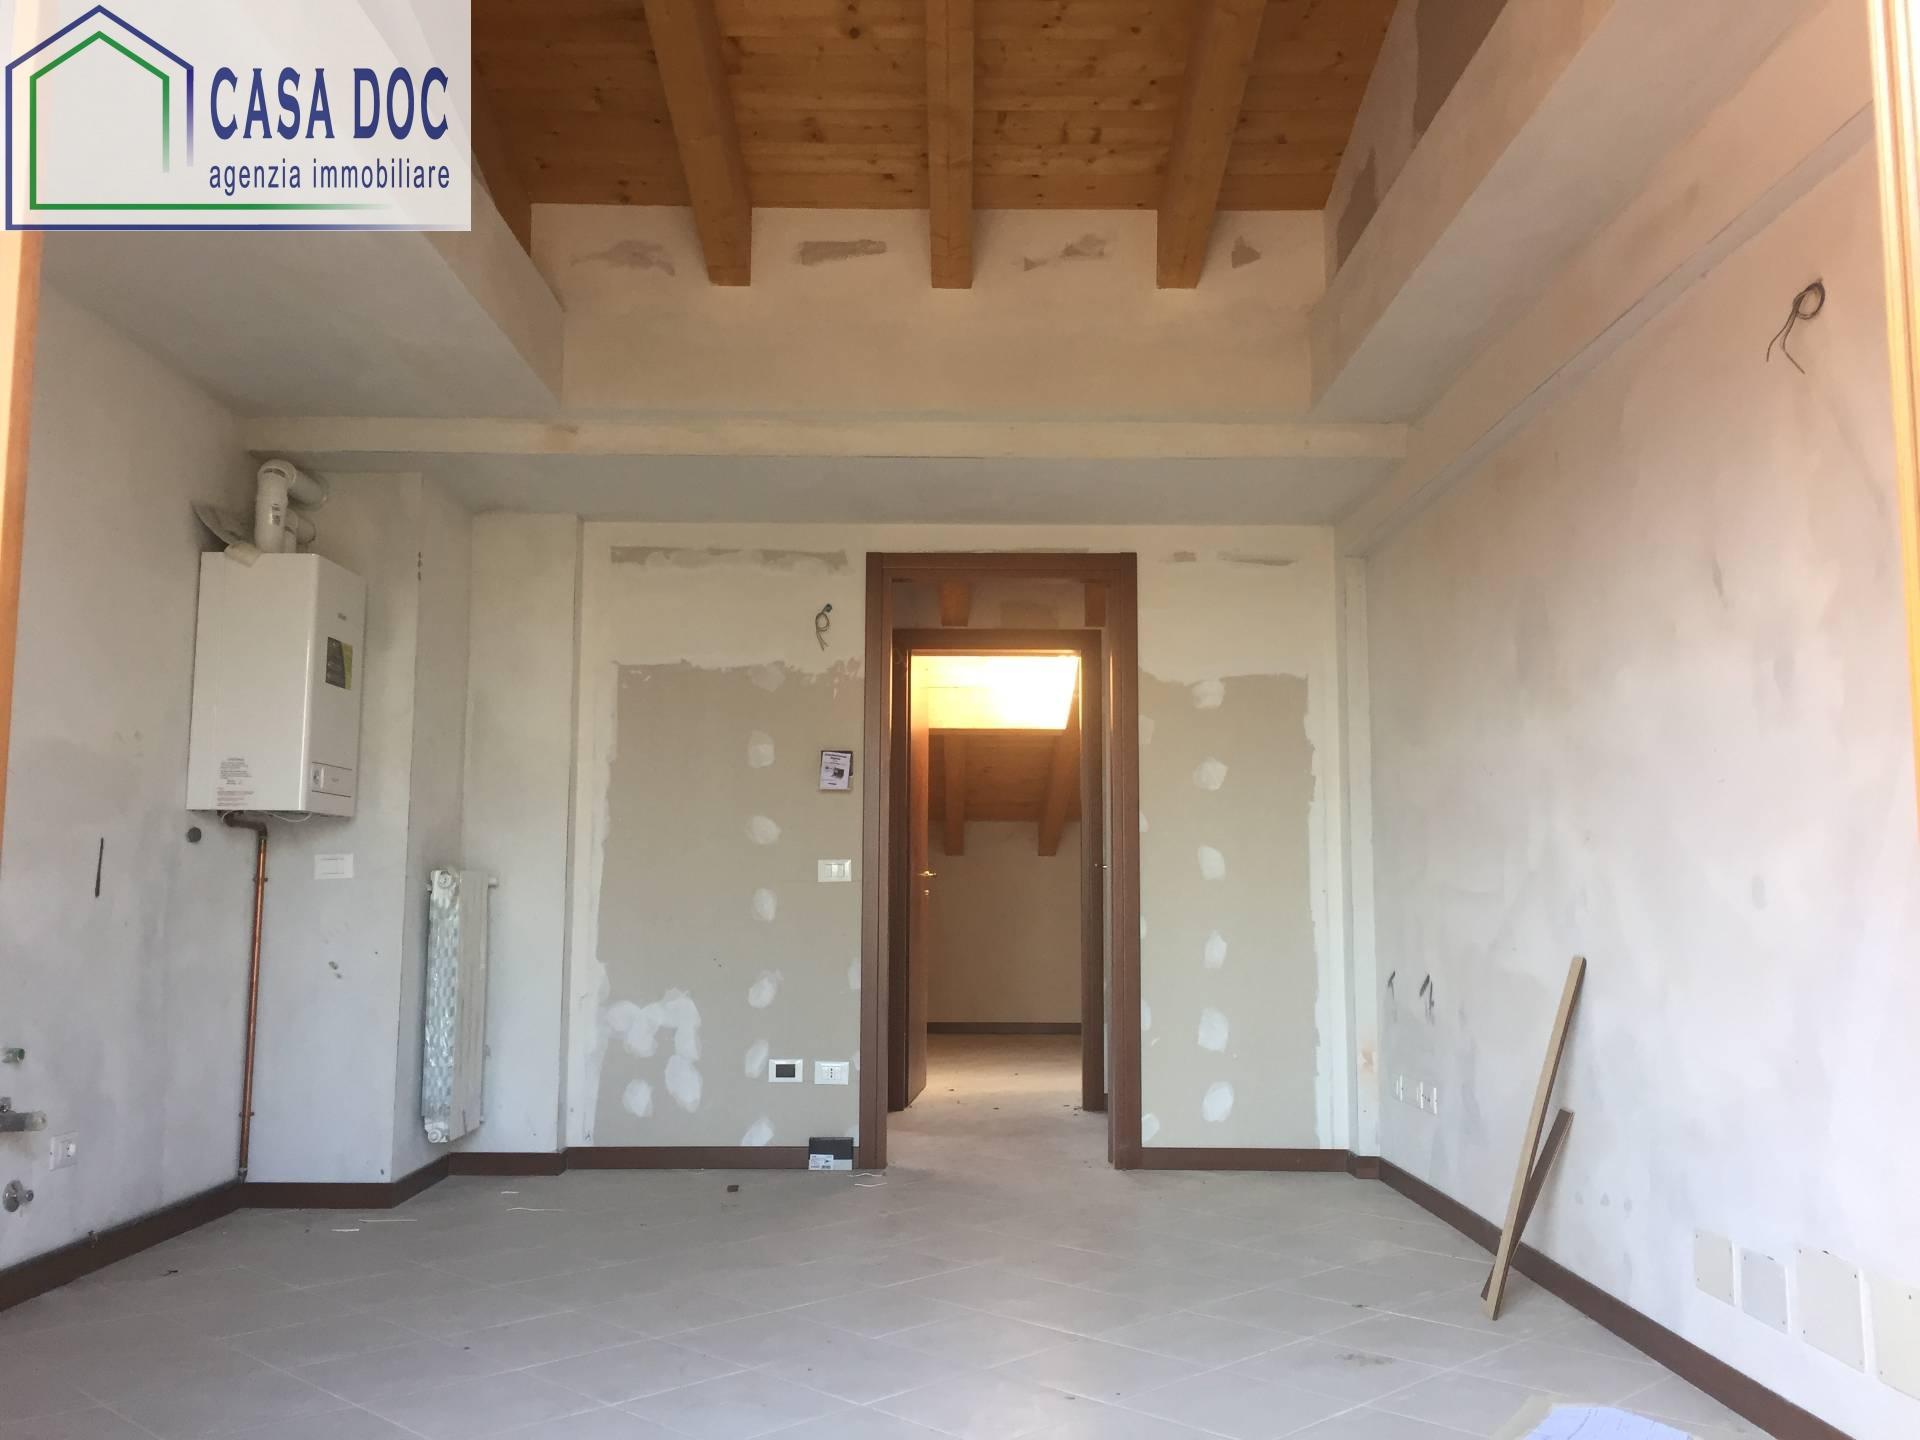 Appartamento in vendita a Siziano, 2 locali, prezzo € 109.000 | Cambio Casa.it